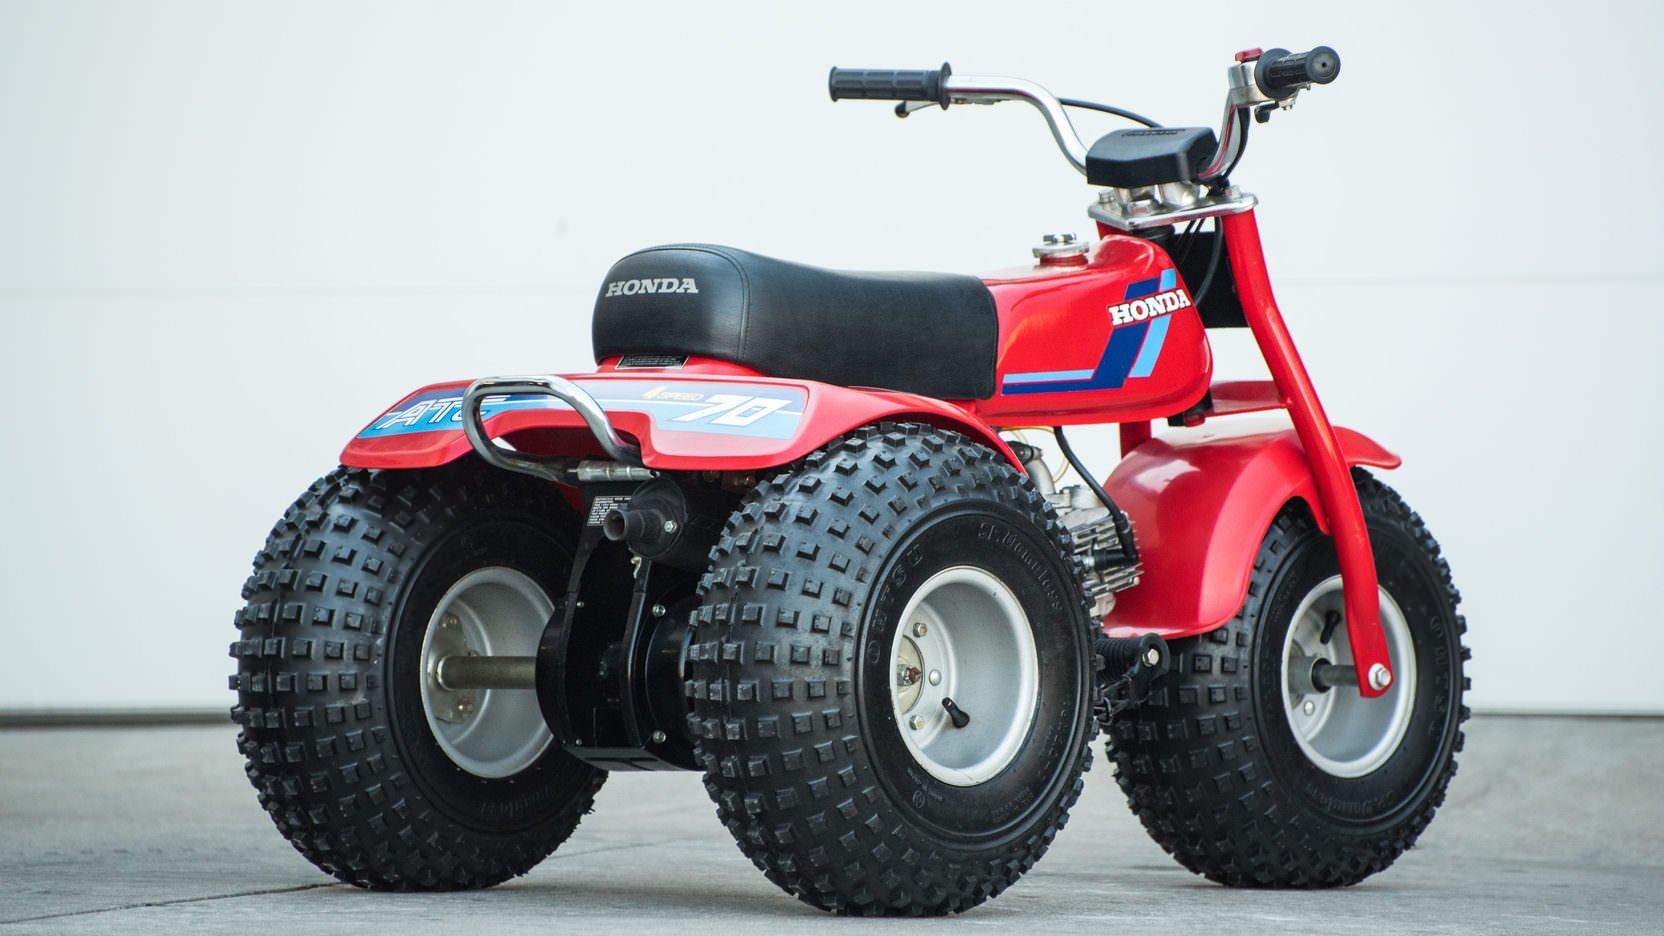 Honda atc 70 3